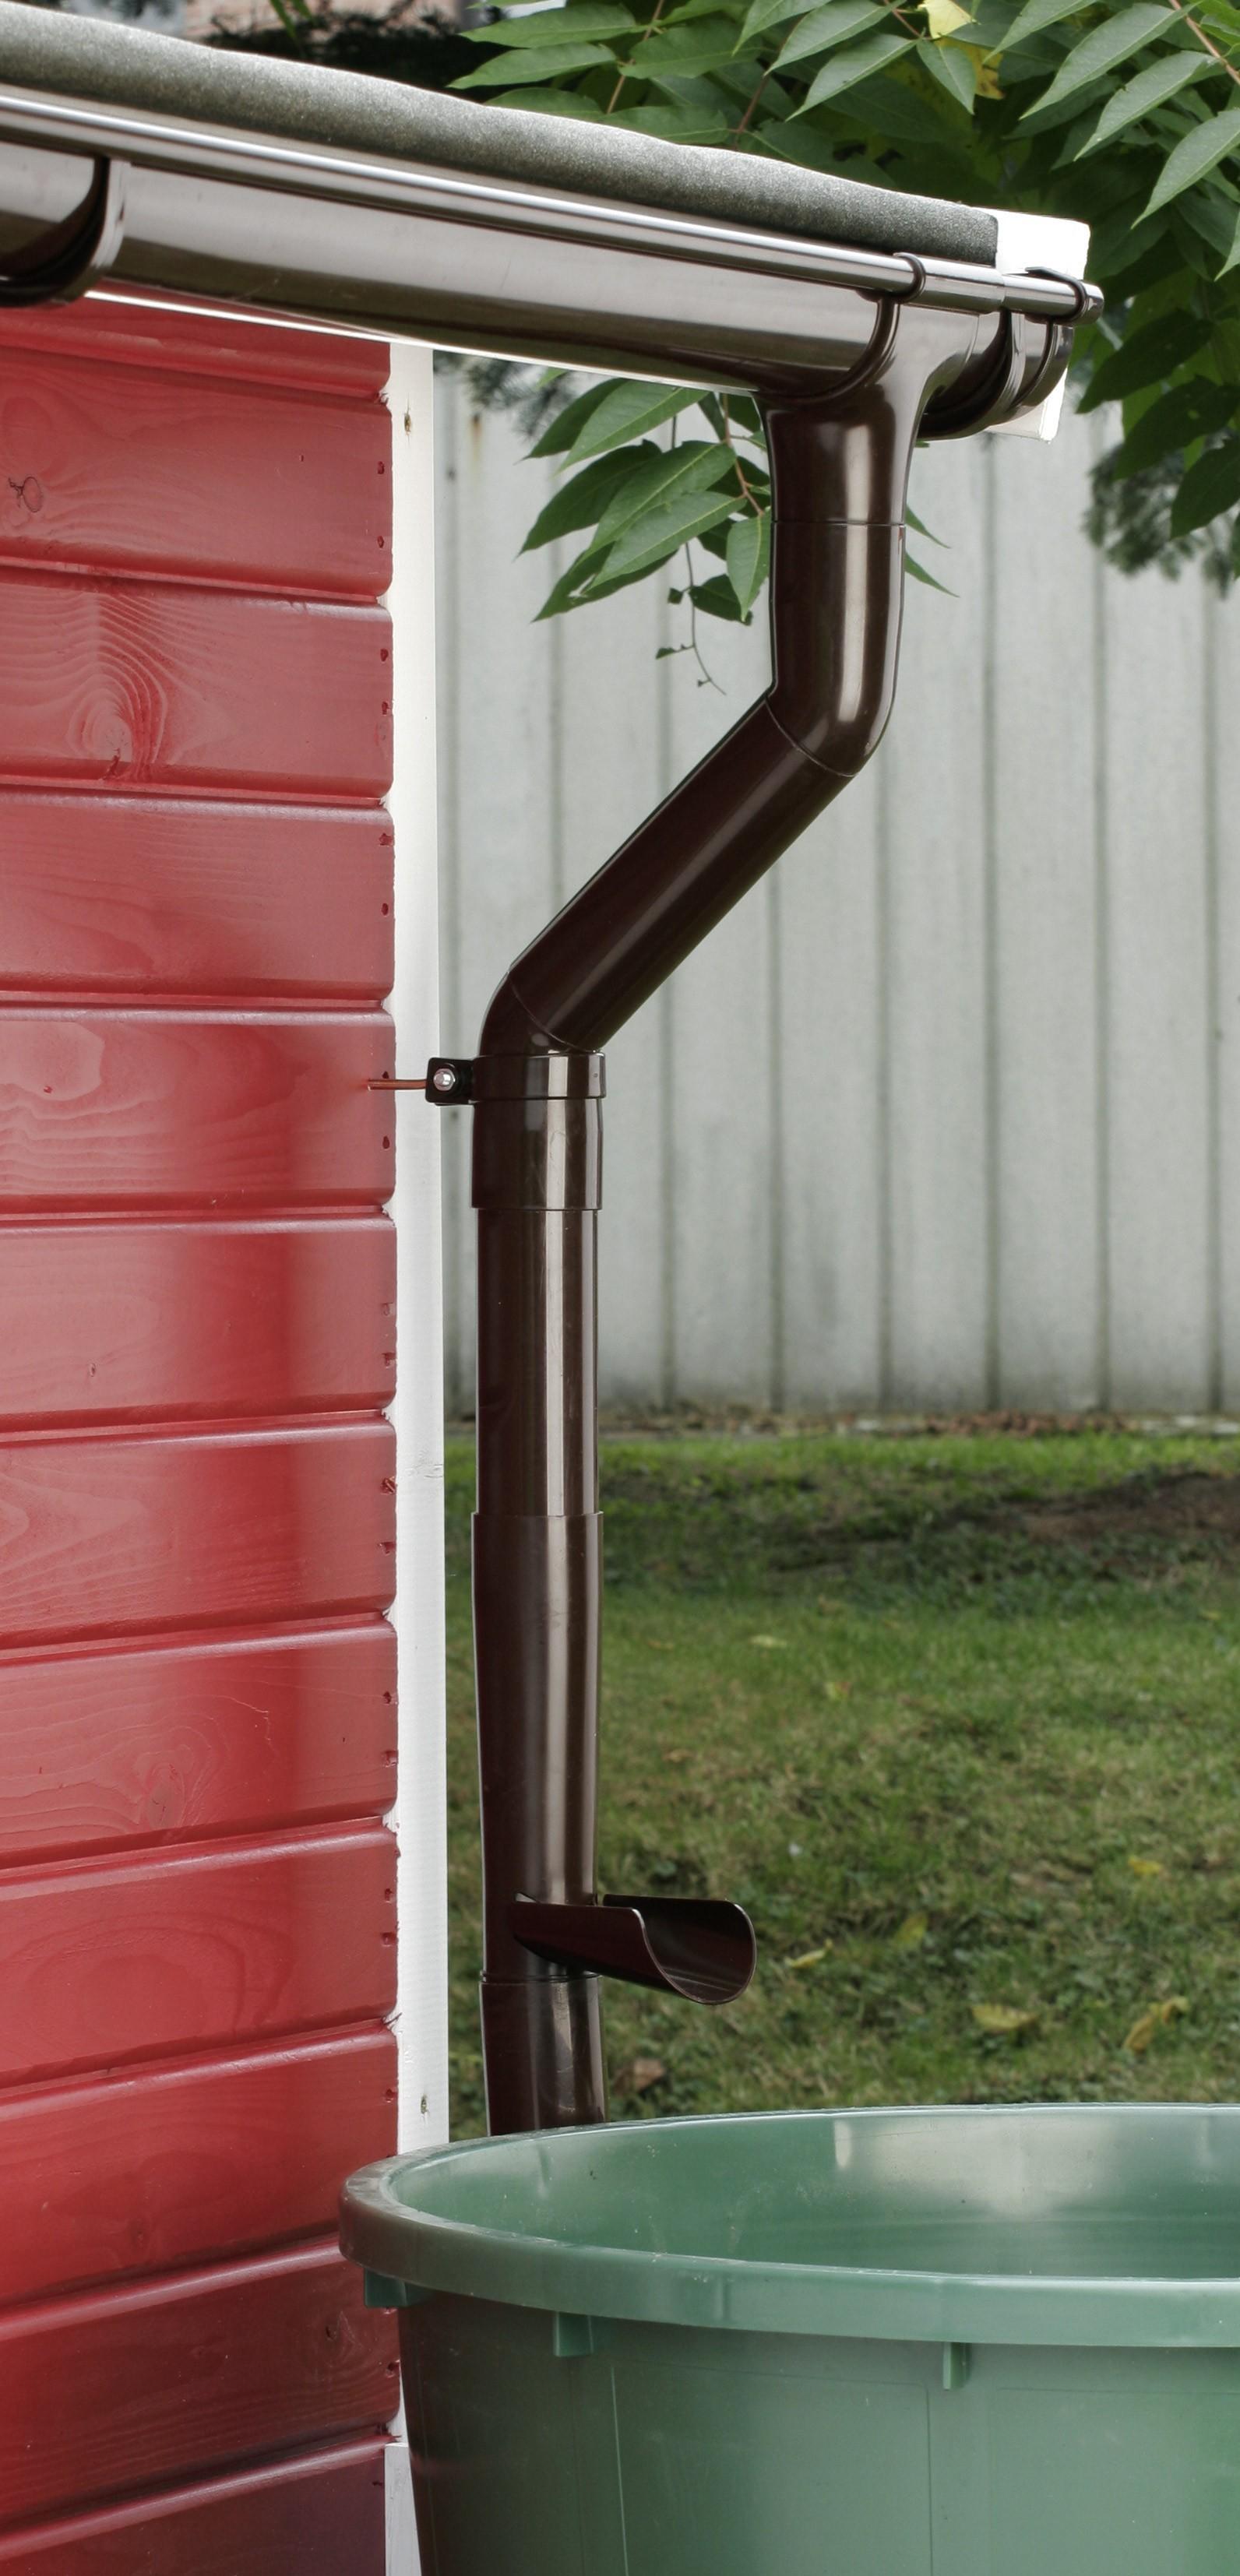 Wasserablauf braun DN 53 Bild 2